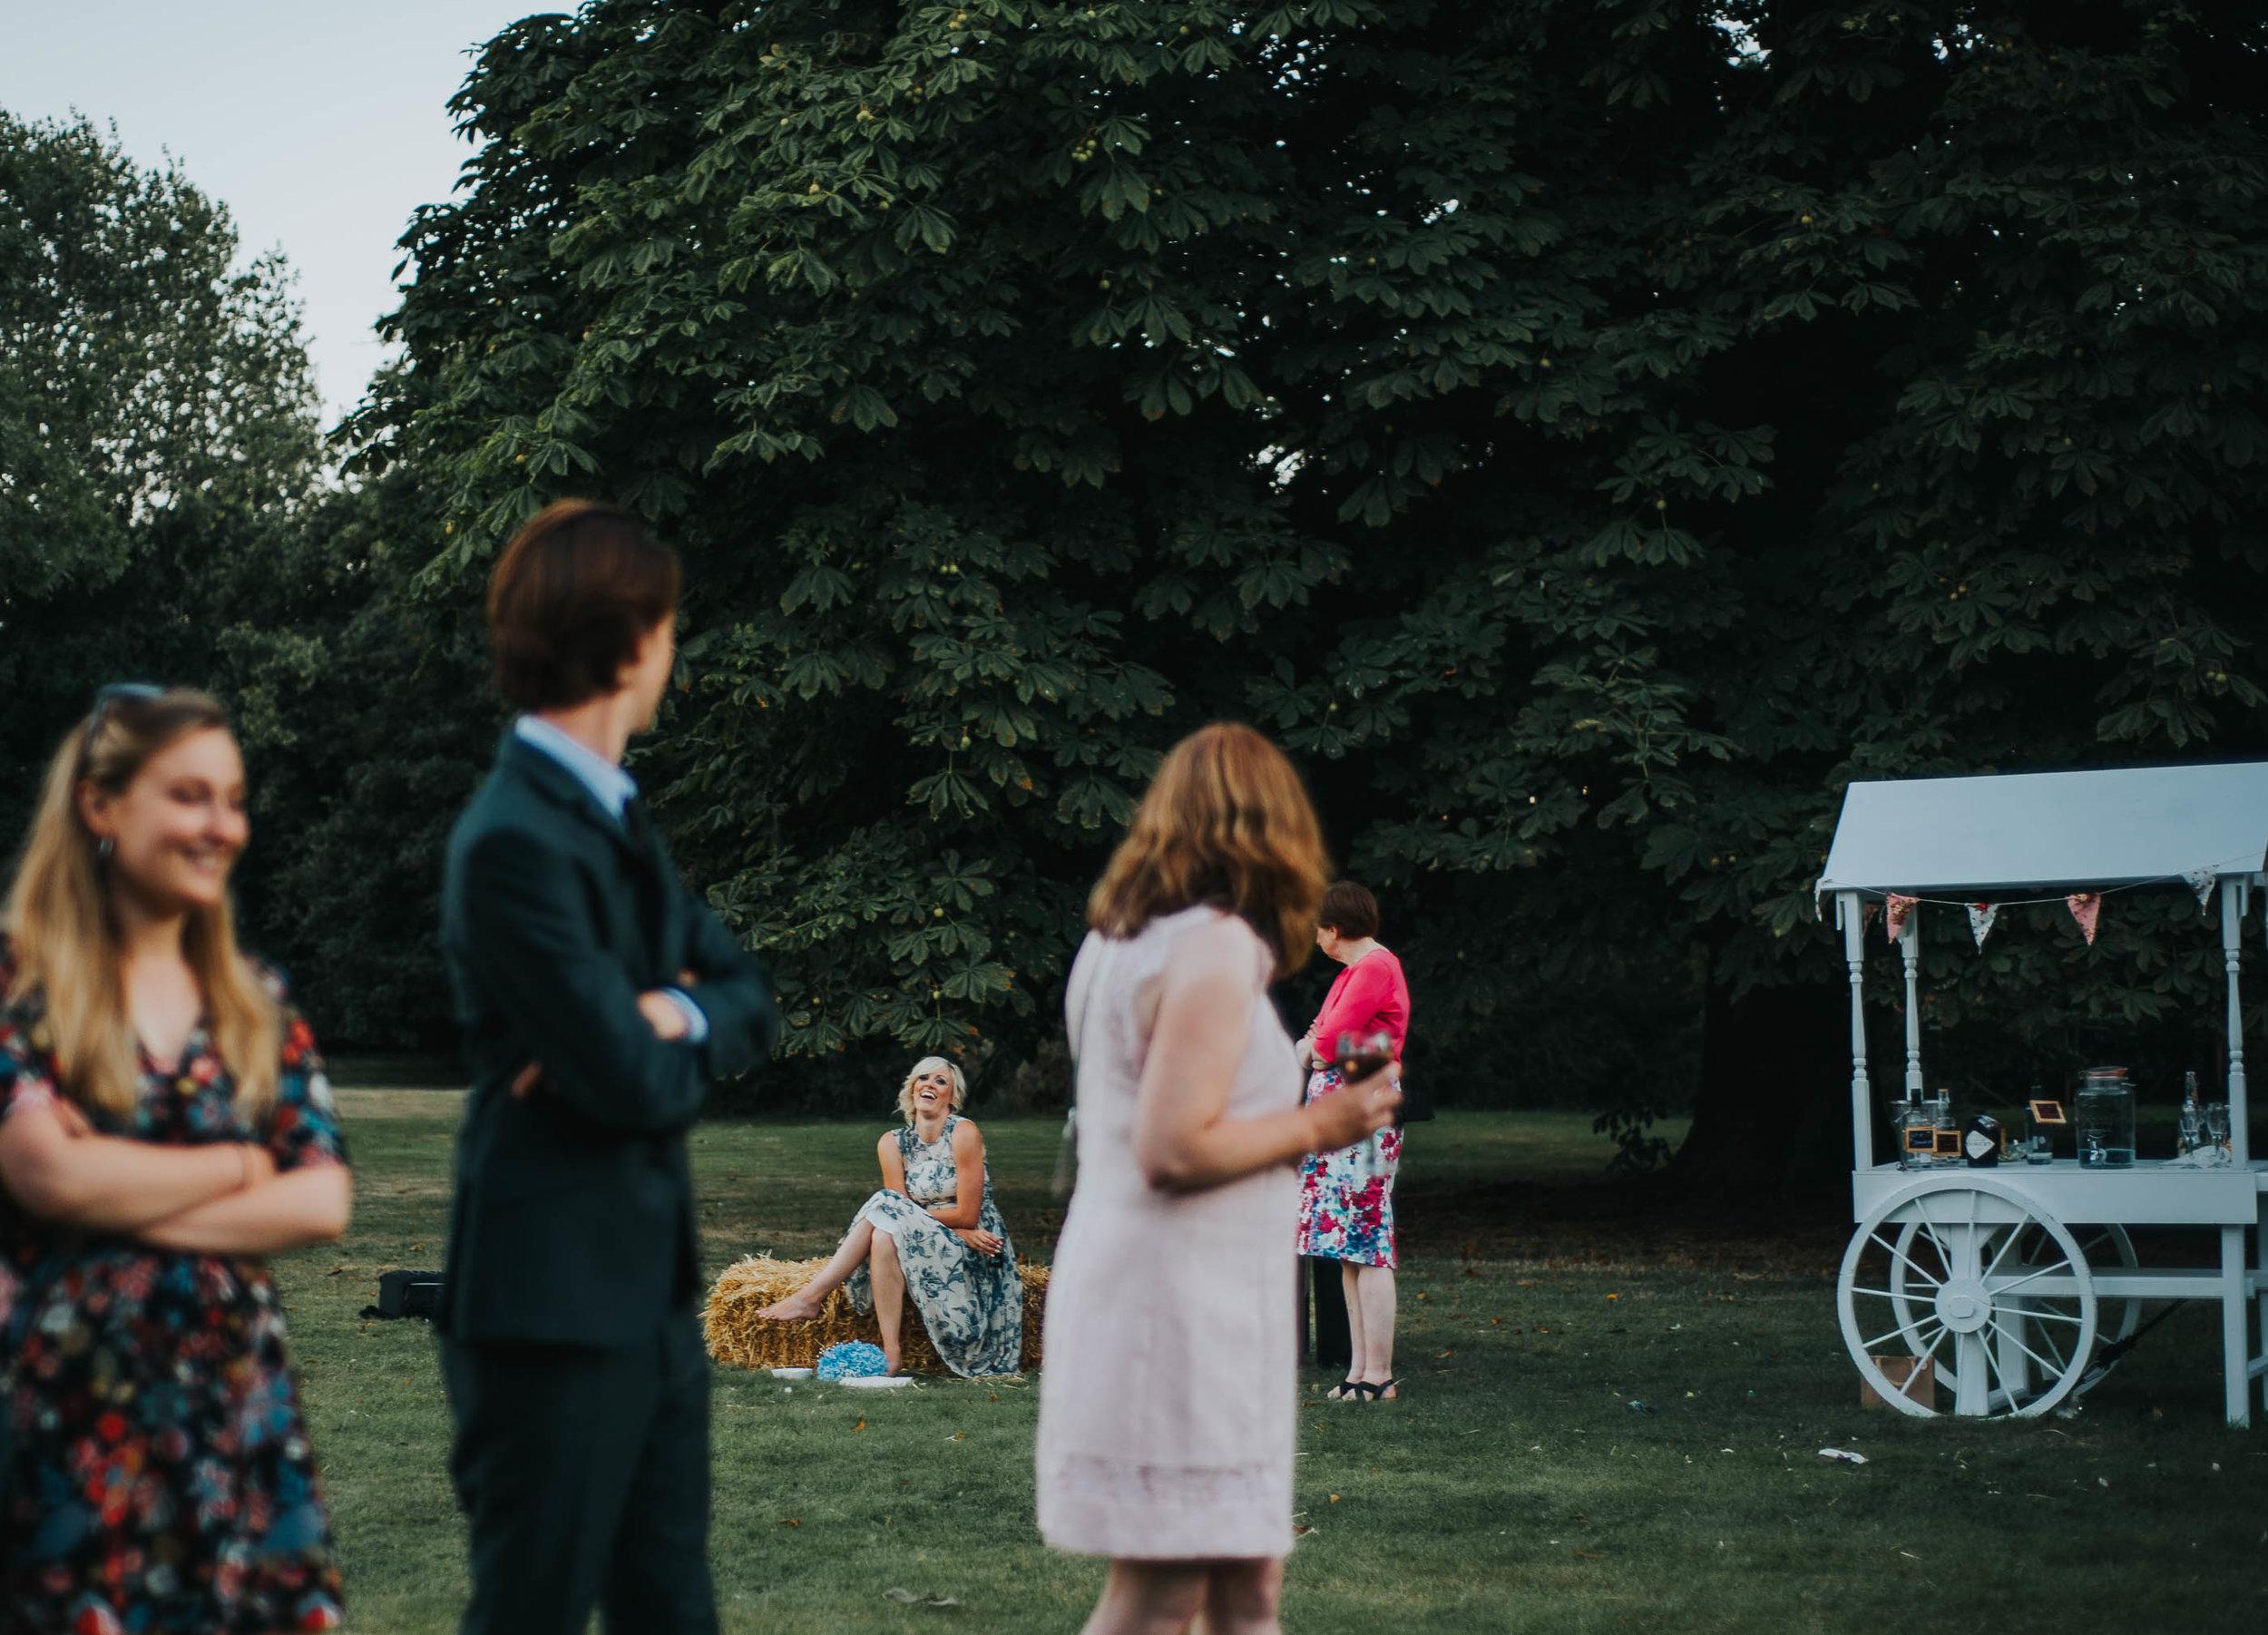 Creative Unique Wedding Photographer Essex Suffolk UK Wedding Photographer www.purplepeartreephotography.com (935).JPG